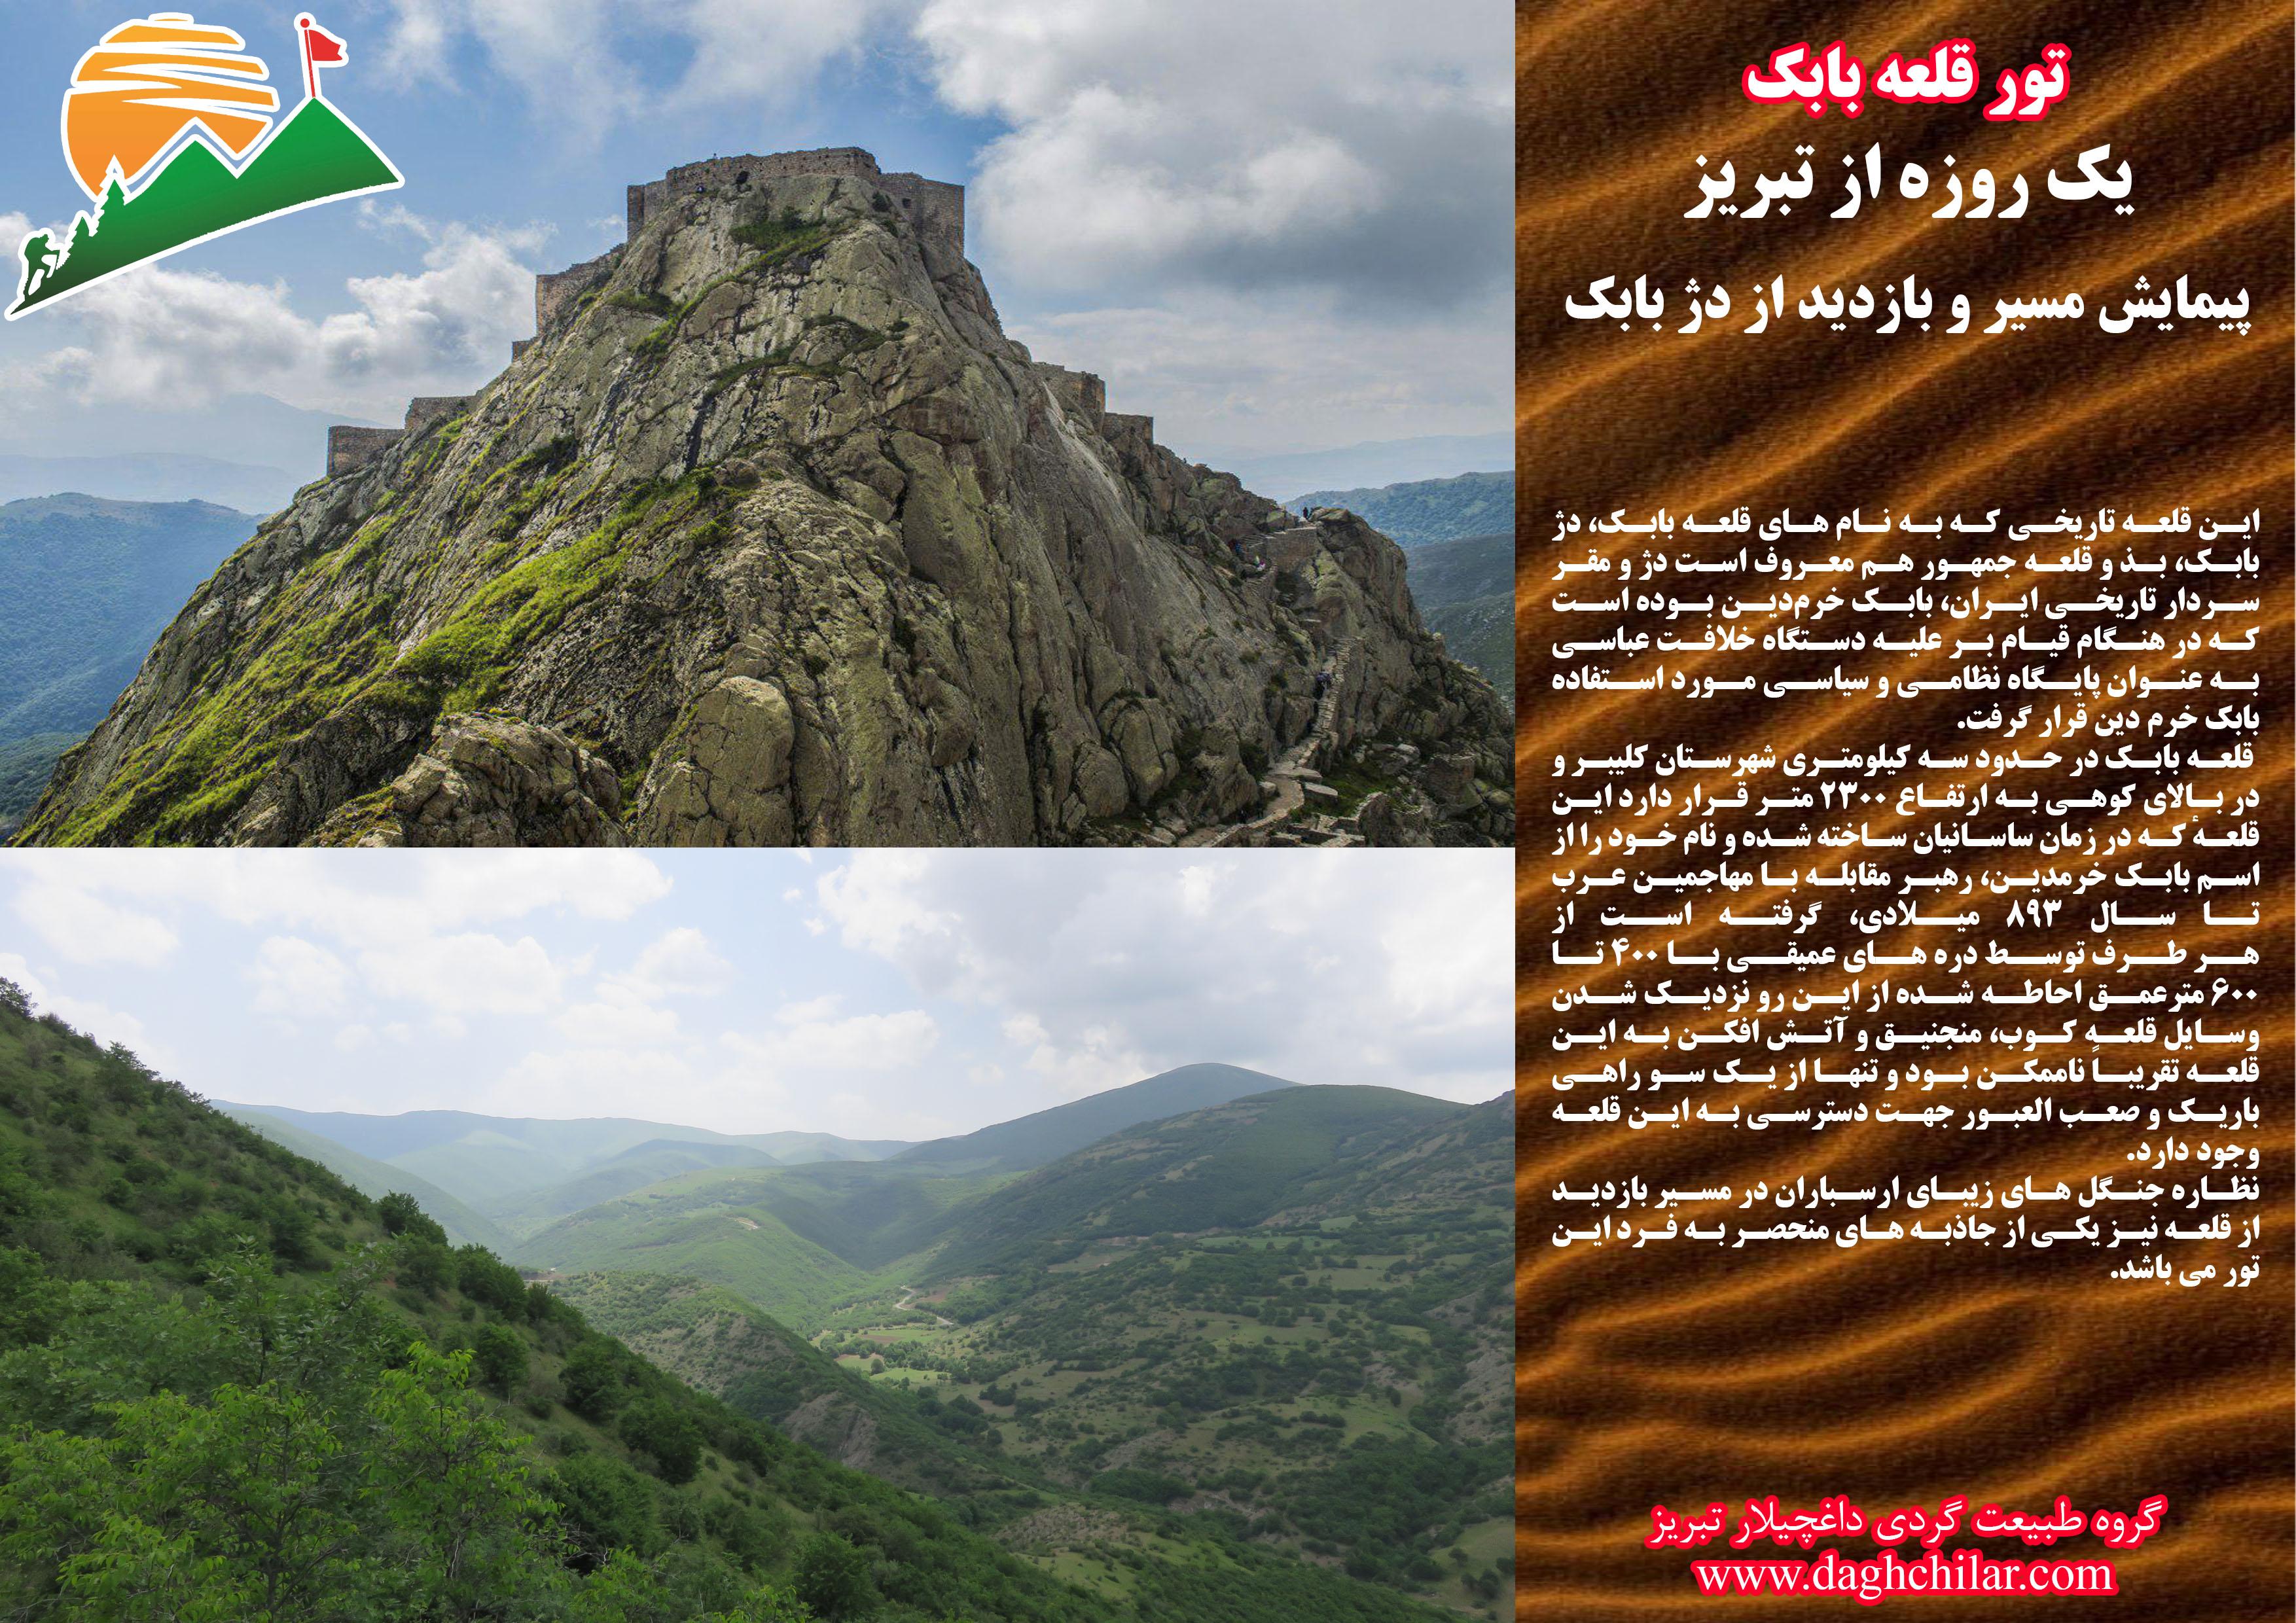 تصویر از تور پیشنهادی قلعه بابک